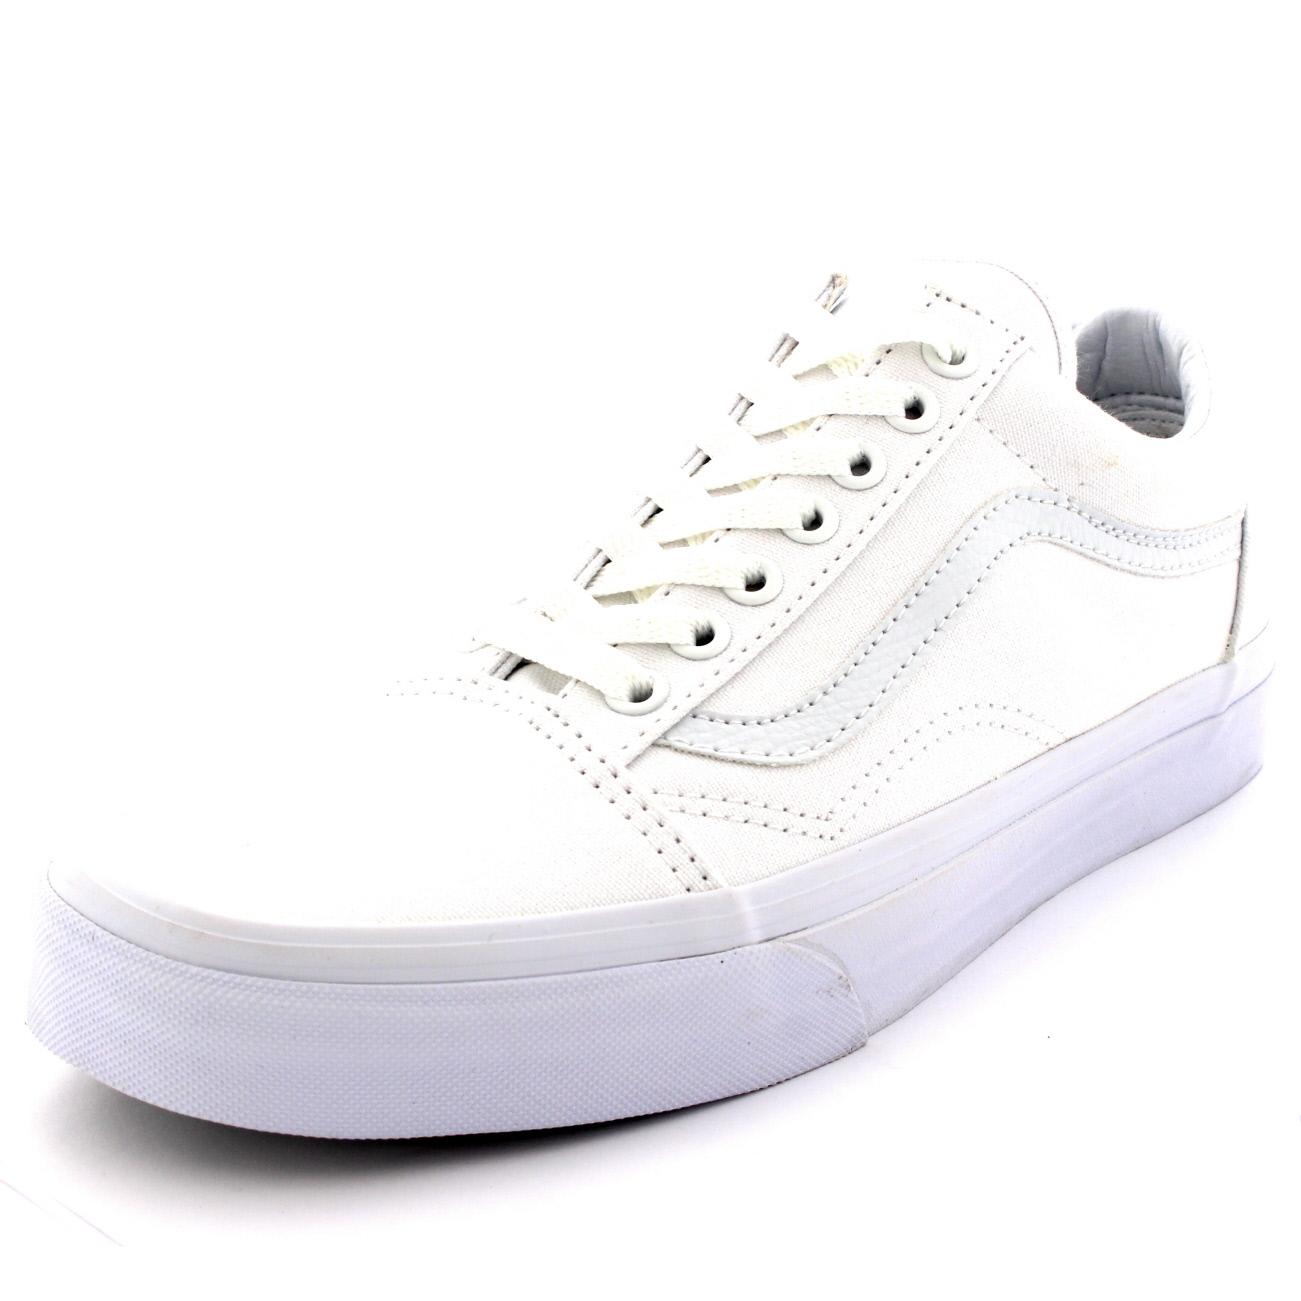 mens vans old skool low top skate shoes white lace up. Black Bedroom Furniture Sets. Home Design Ideas